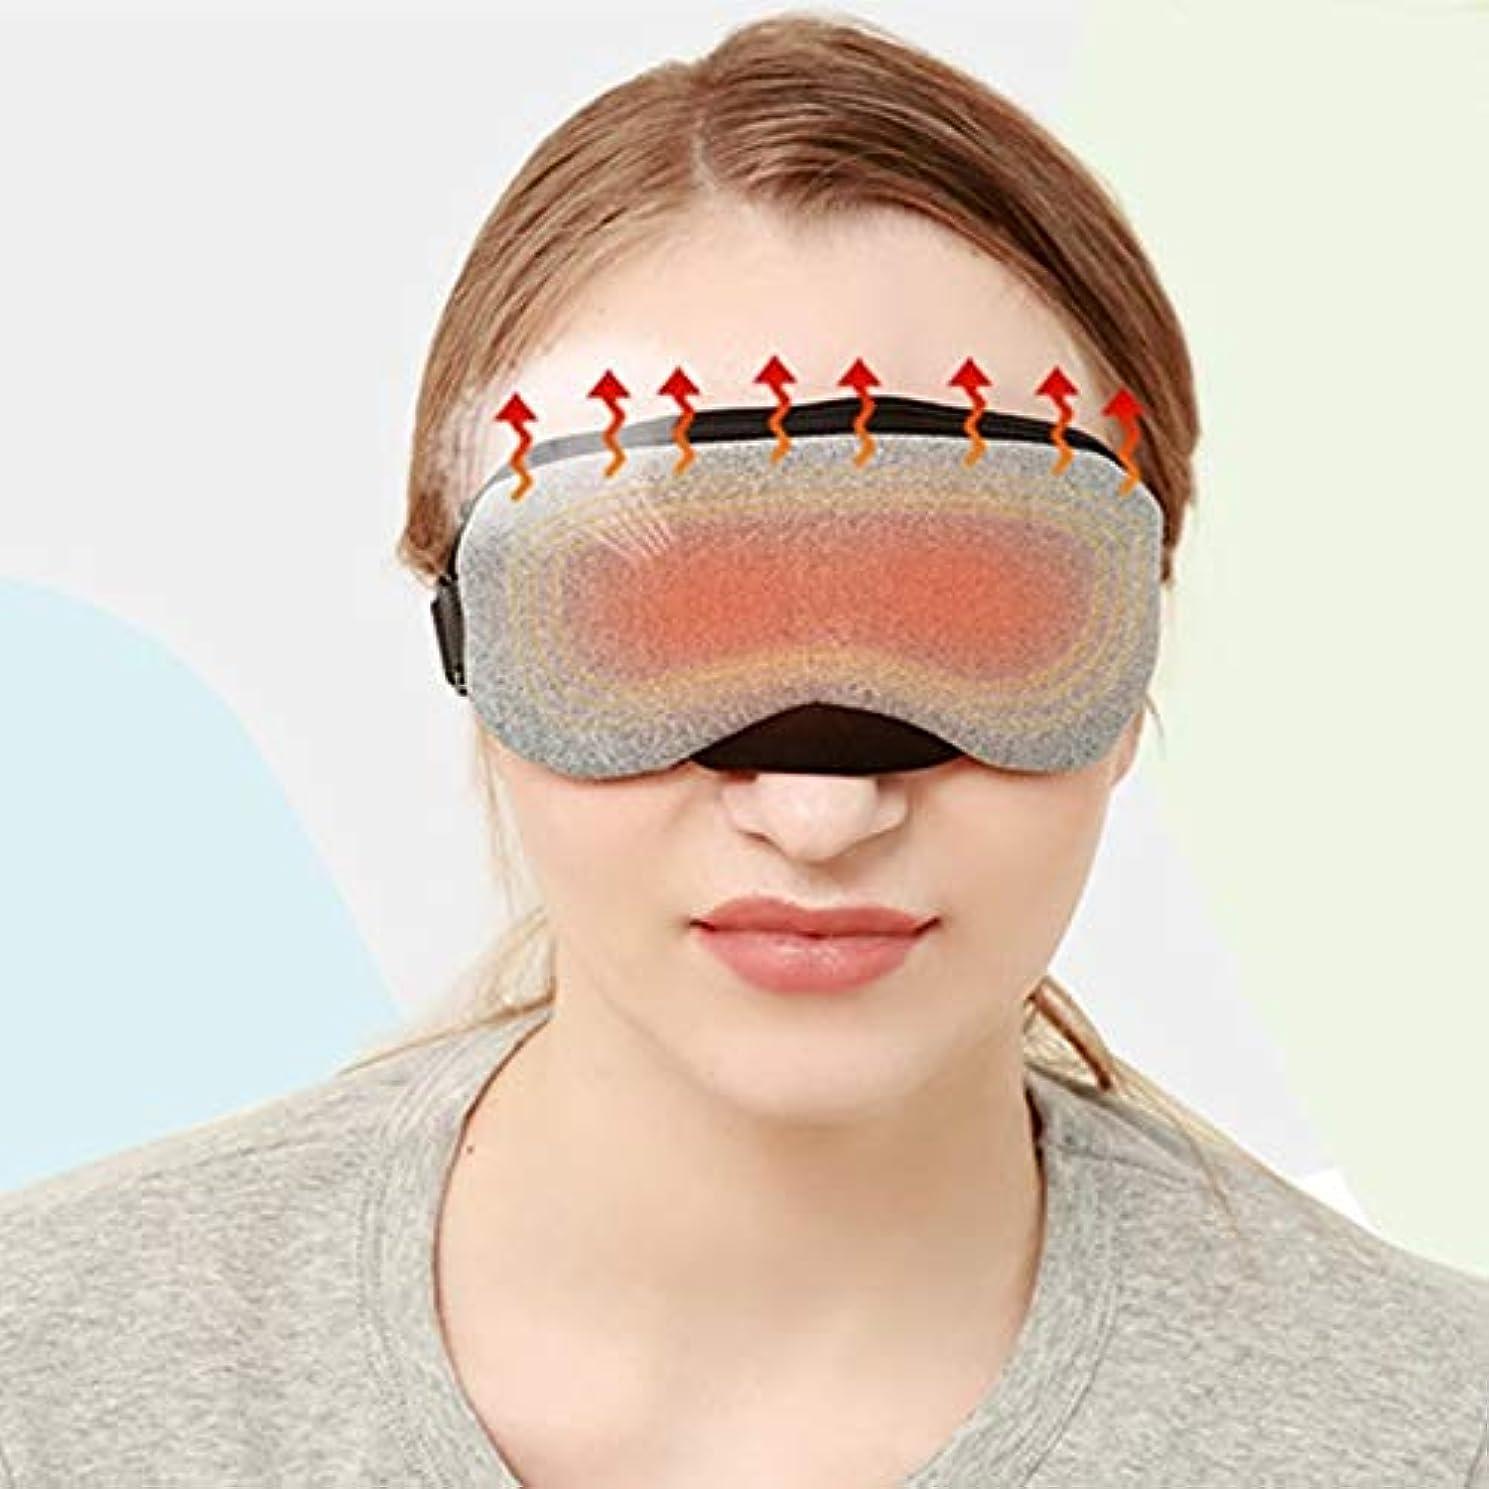 賞賛する欠陥話をするメモ温度制御ヒートスチームコットンアイマスク乾いた疲れた圧縮USBホットパッドアイケア新しい